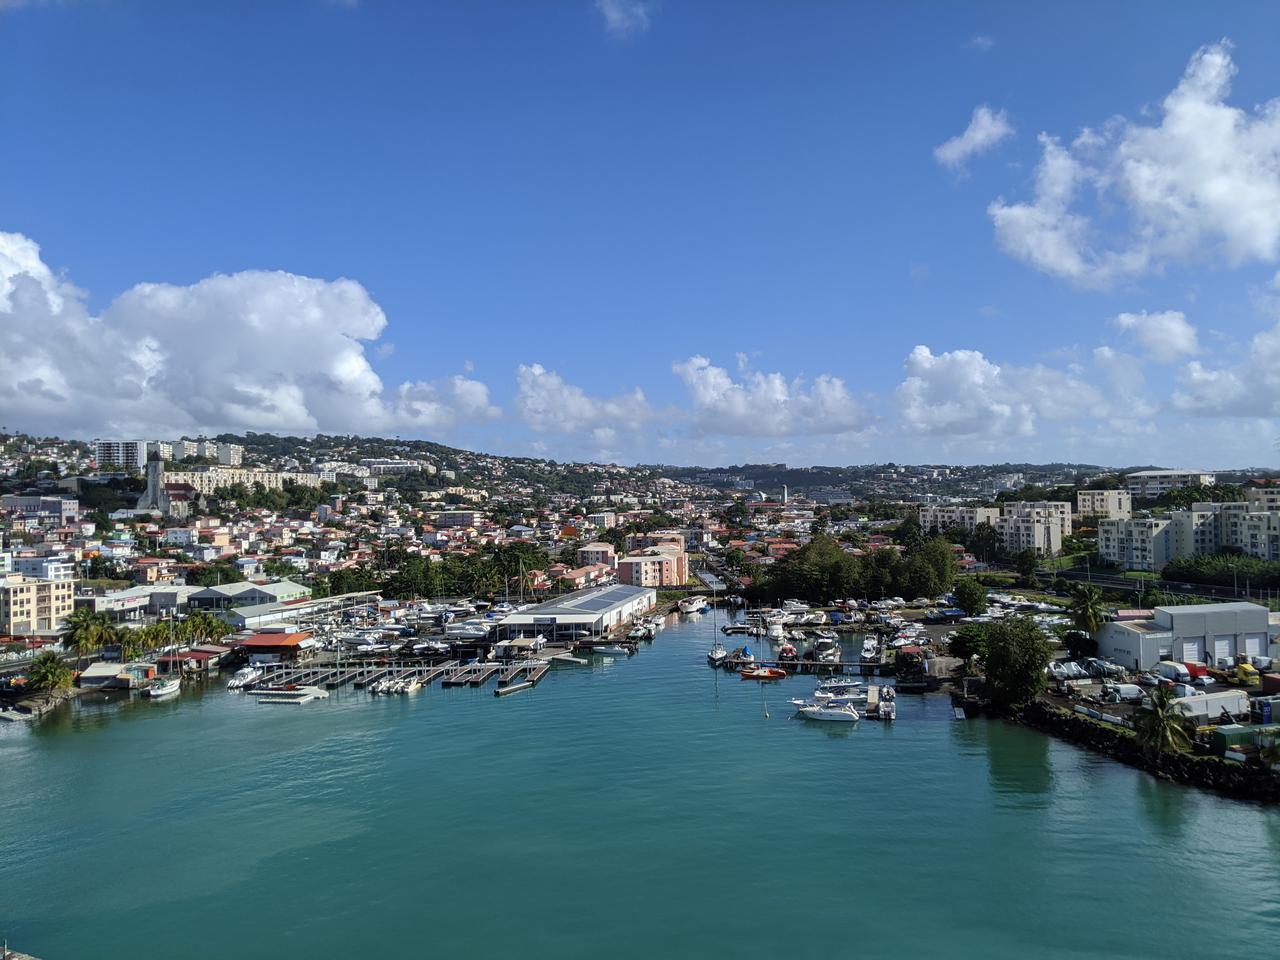 画像: 船上デッキから見るフォールドフランスの港/齋藤撮影